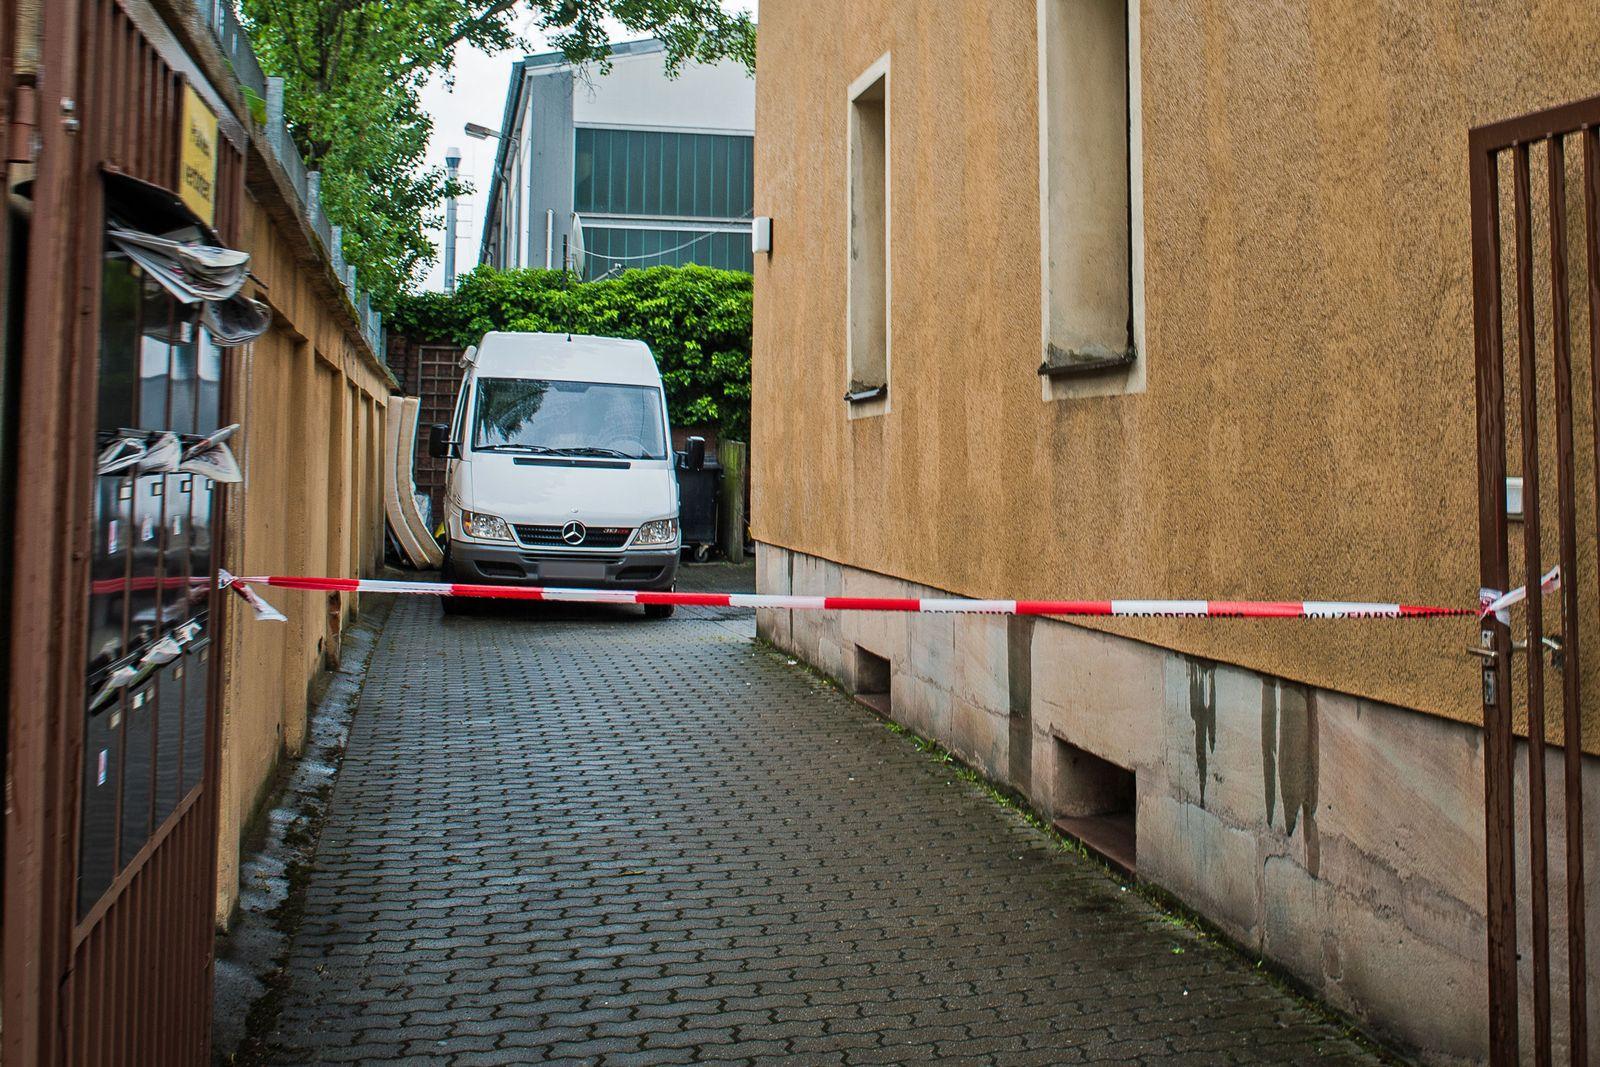 Mord an Prostituierten in Nürnberg